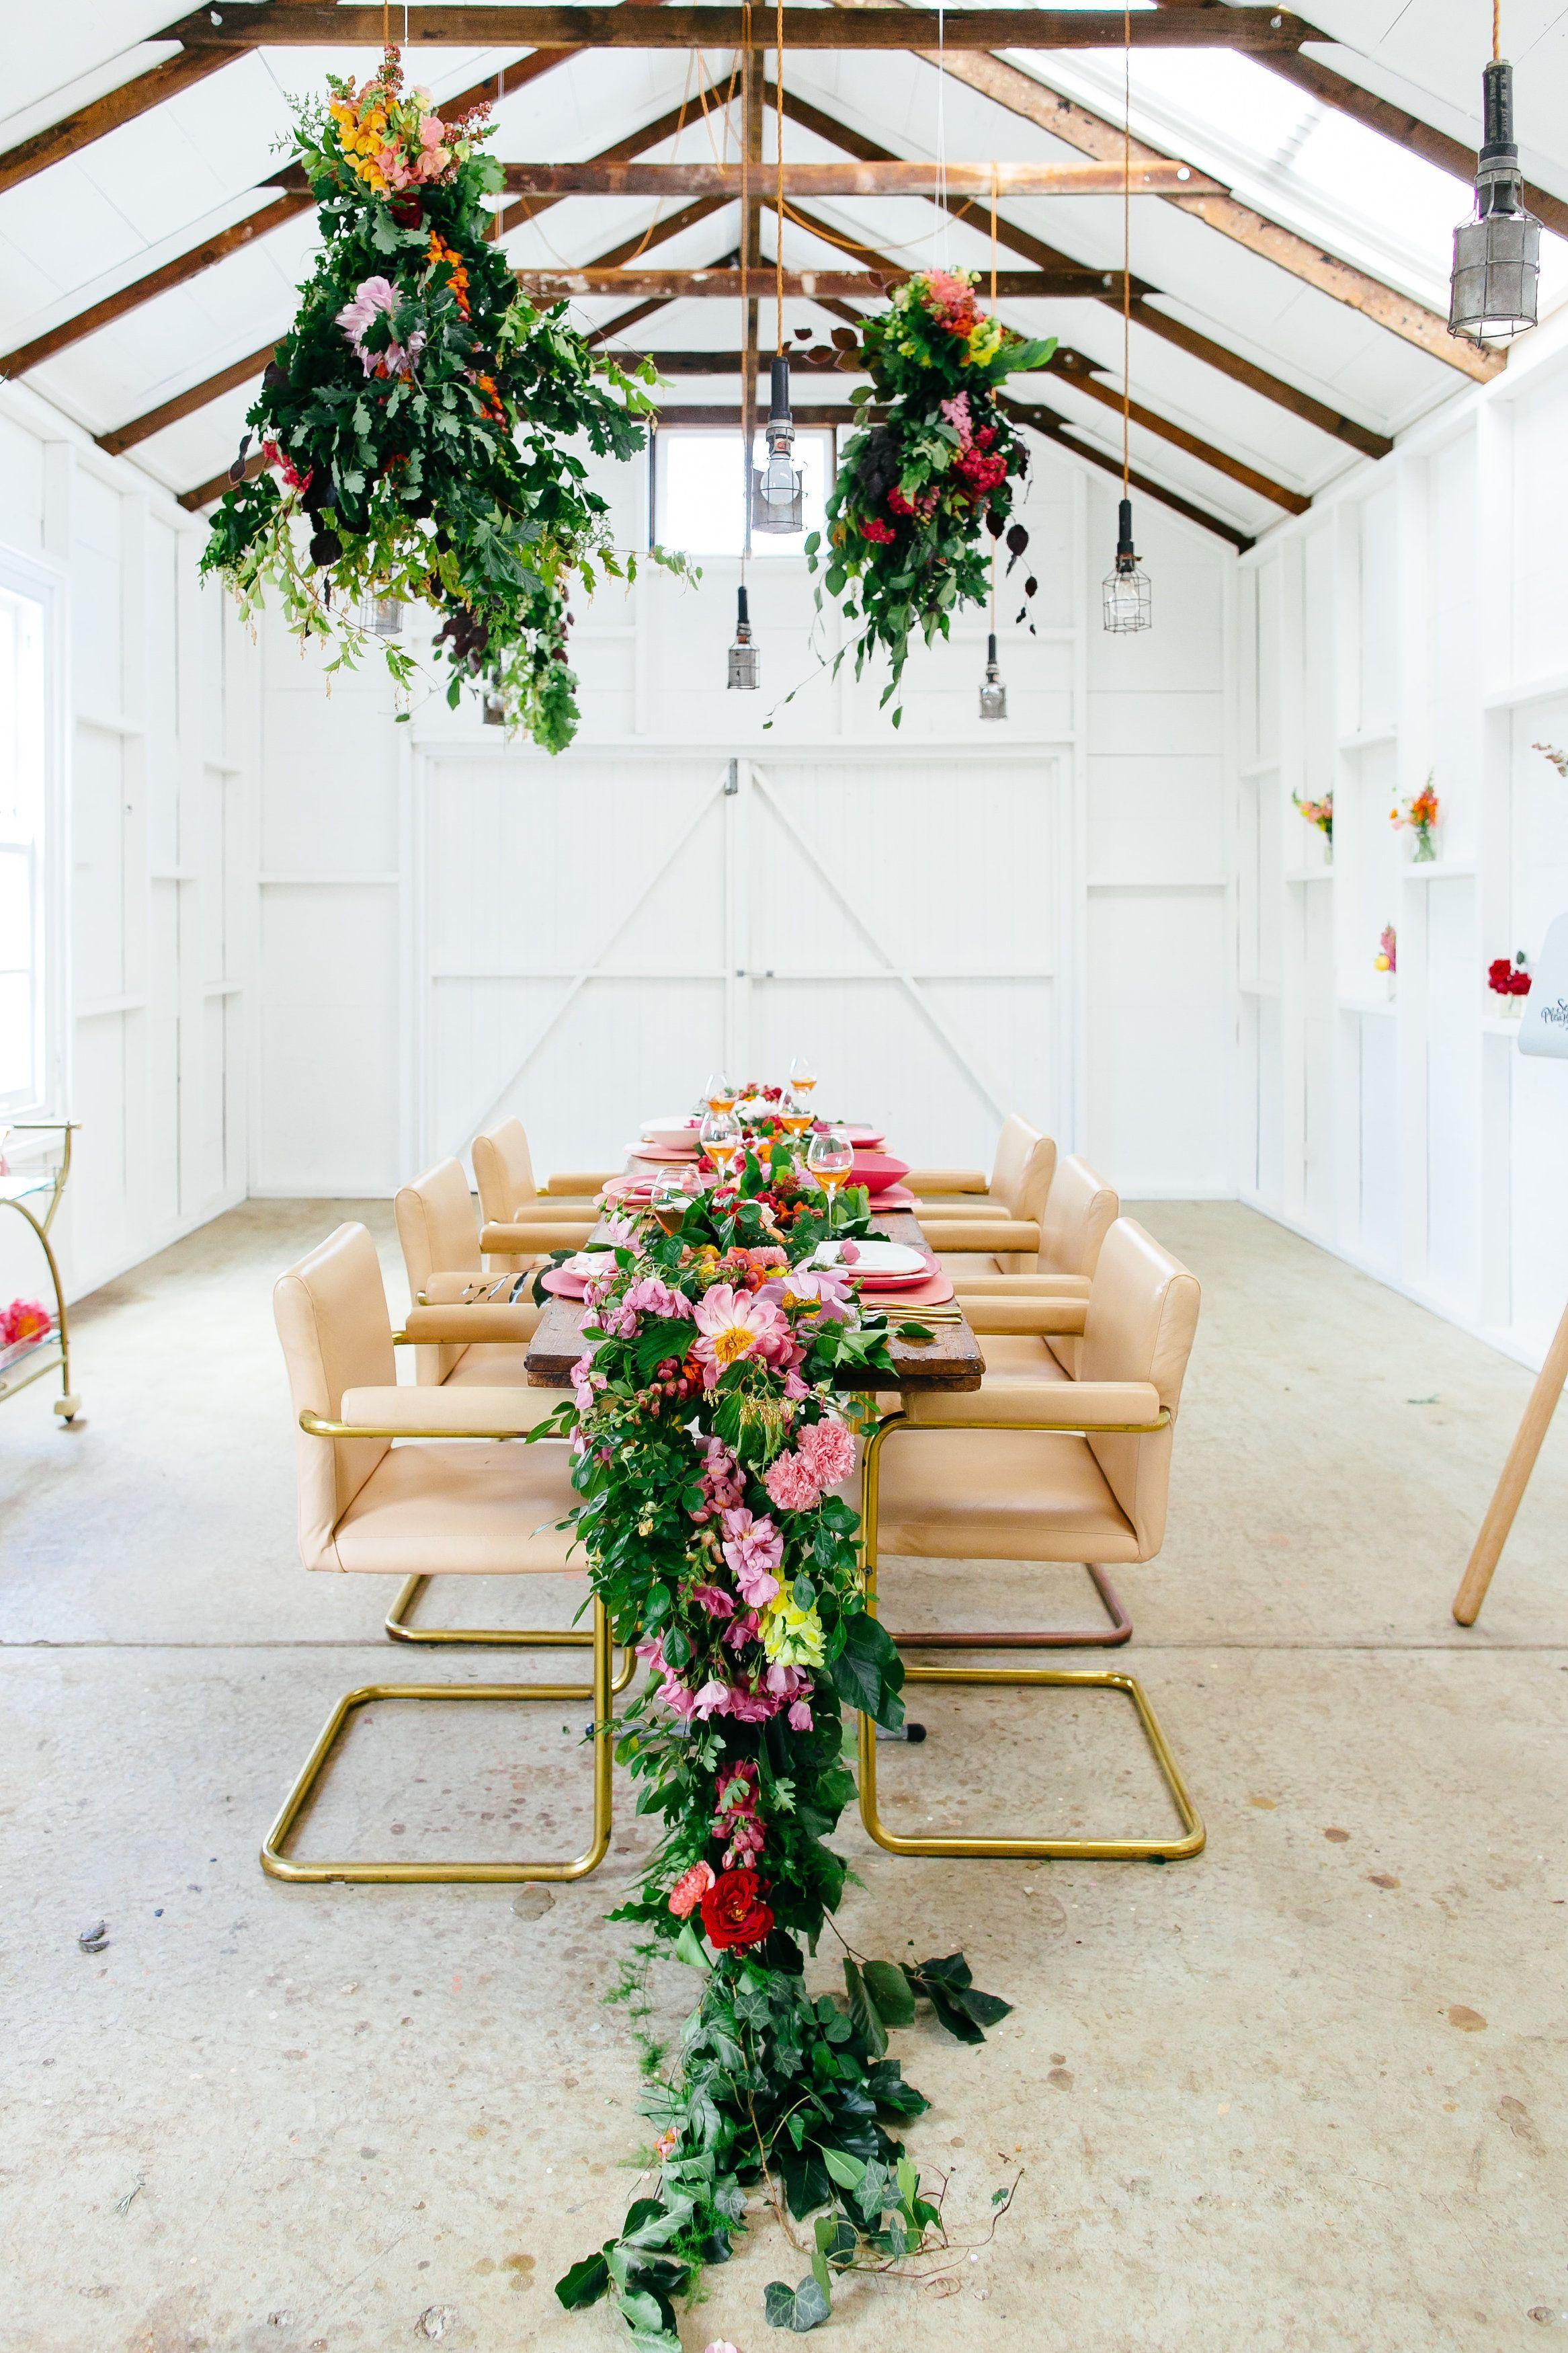 Wedding reception wedding decor ideas  Flower Filled Wedding  LENZO  PARTY u EVENT DECOR IDEAS